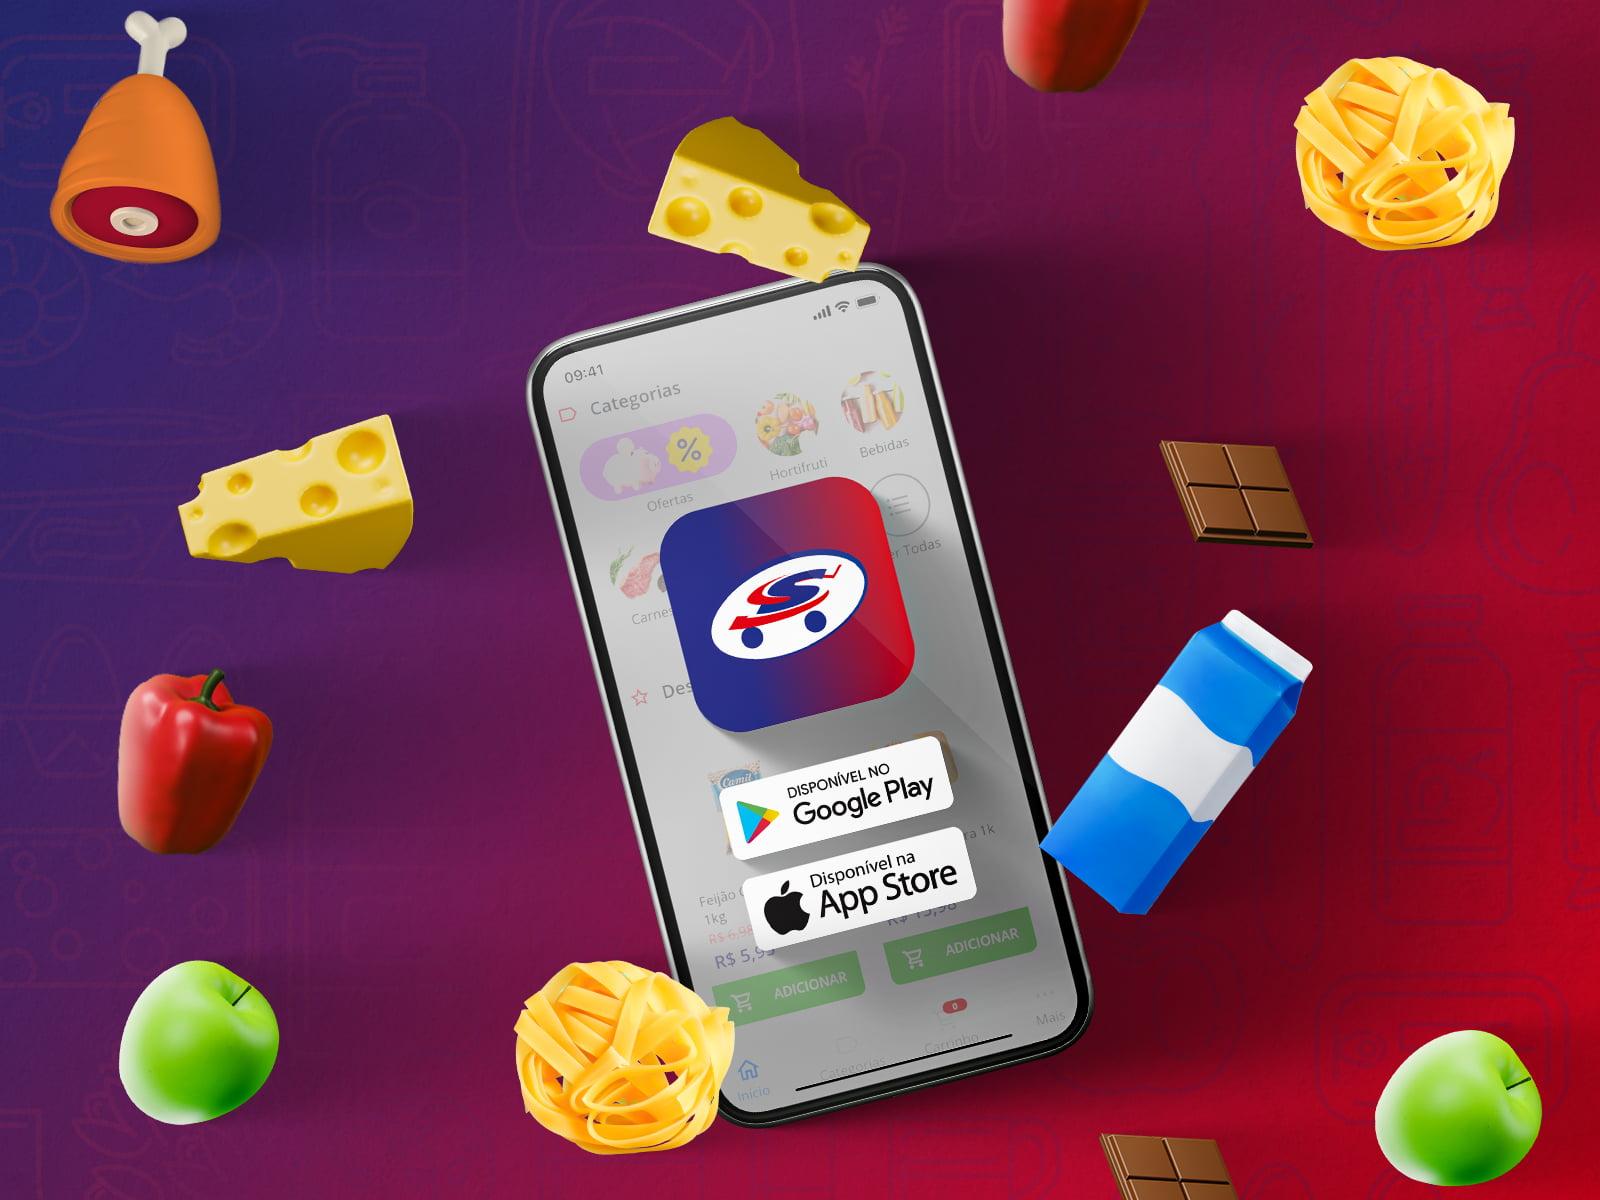 Tela de celular com botões para baixar o app. Ao lado, várias ilustrações de comidas flutuando ao redor do celular.